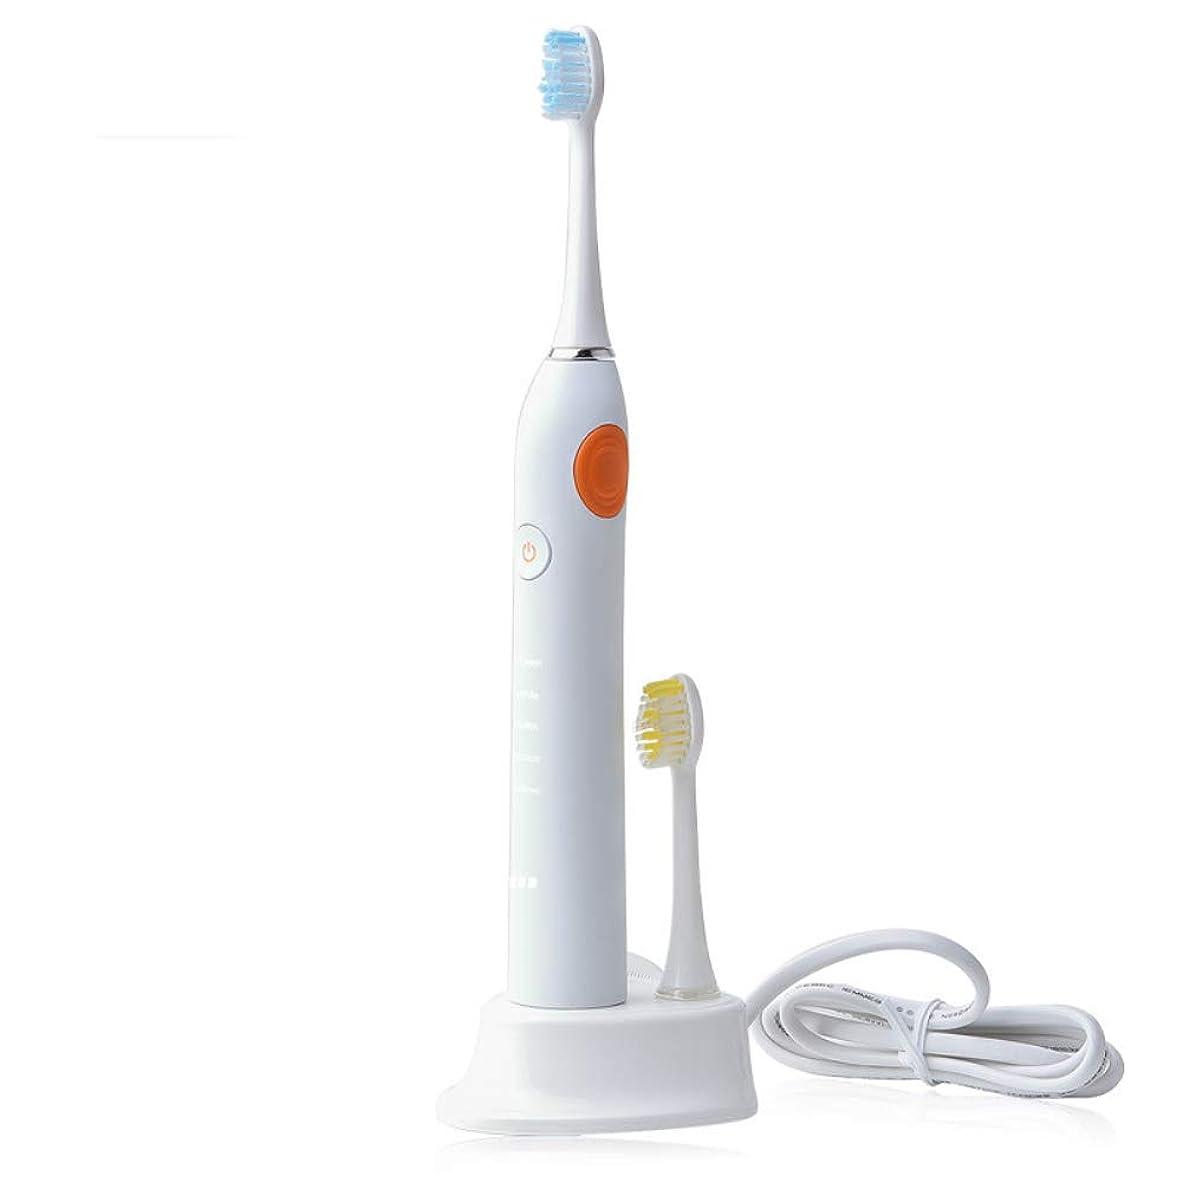 過ち水星ピケ電動歯ブラシ、ソニック電動歯ブラシ、ソニックファーフルボディ防水超静かな電動歯ブラシは、家庭旅行に適しています